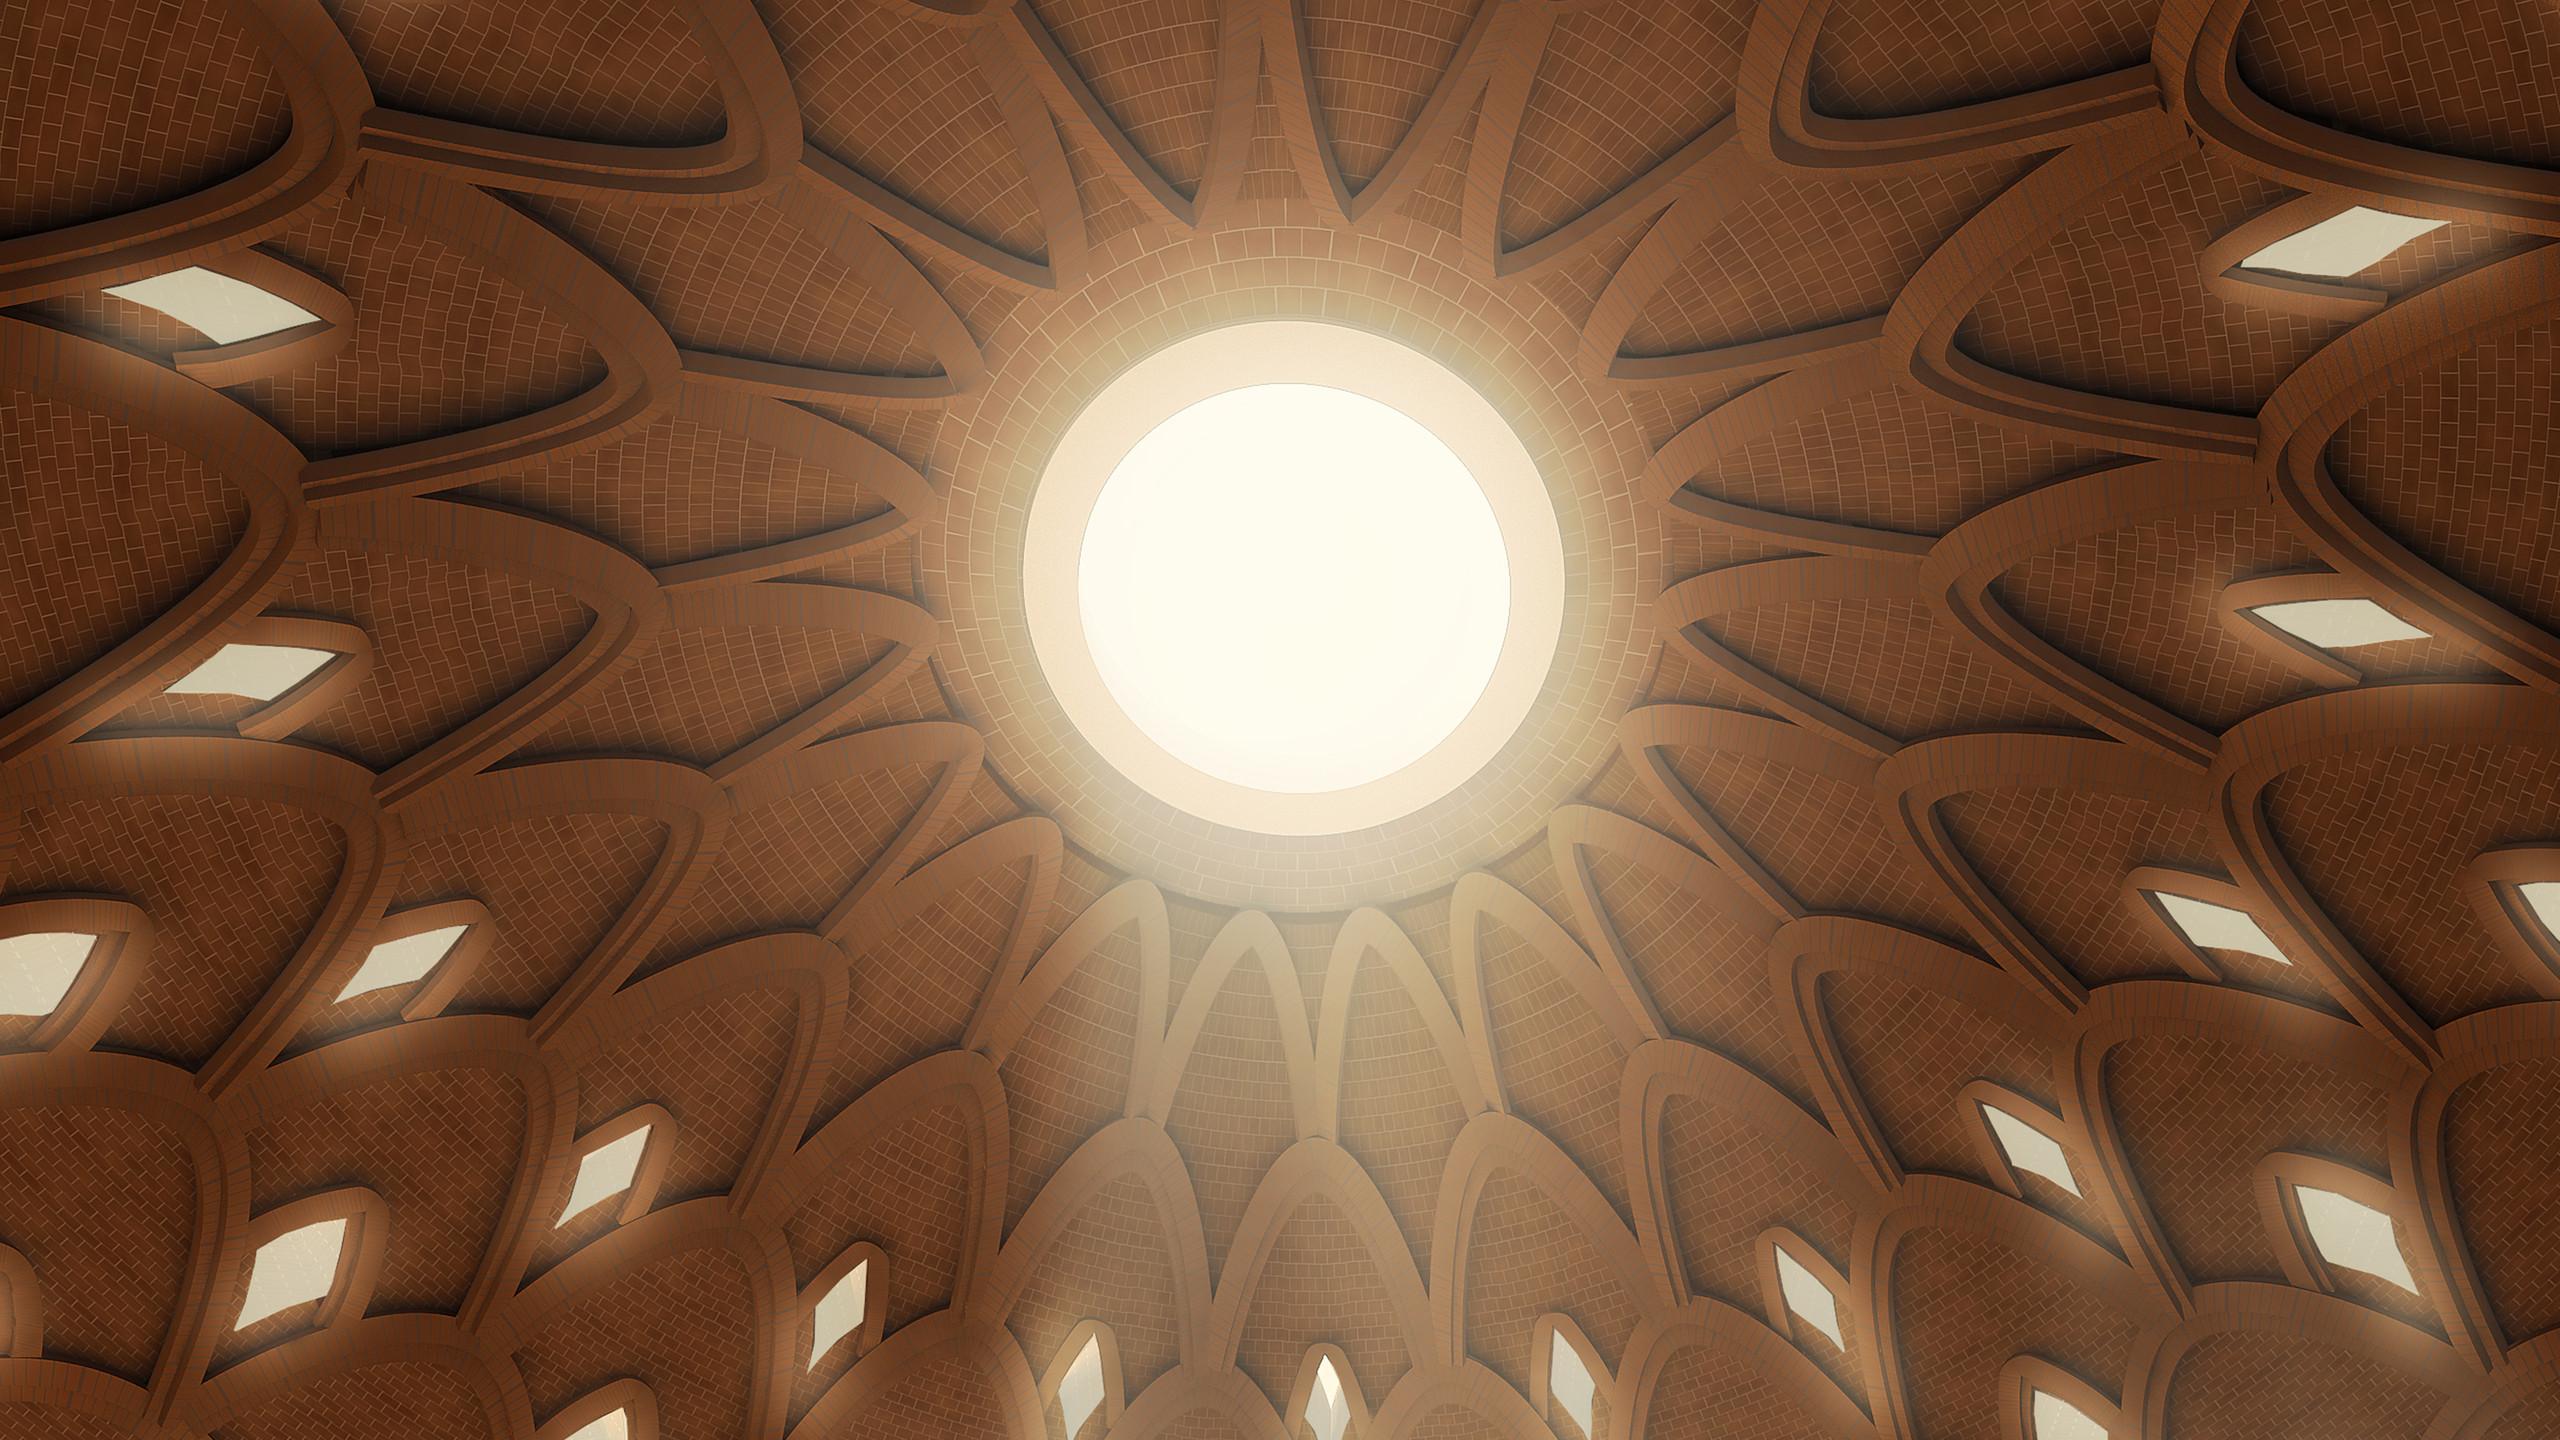 """""""Reconhecemos que a Casa de Adoração Bahá'í em Bihar Sharif precisa oferecer um ambiente para a experiência do divino e ao mesmo tempo estar humildemente enraizada em seus arredores."""", afirmou a empresa que desenhou o novo templo."""